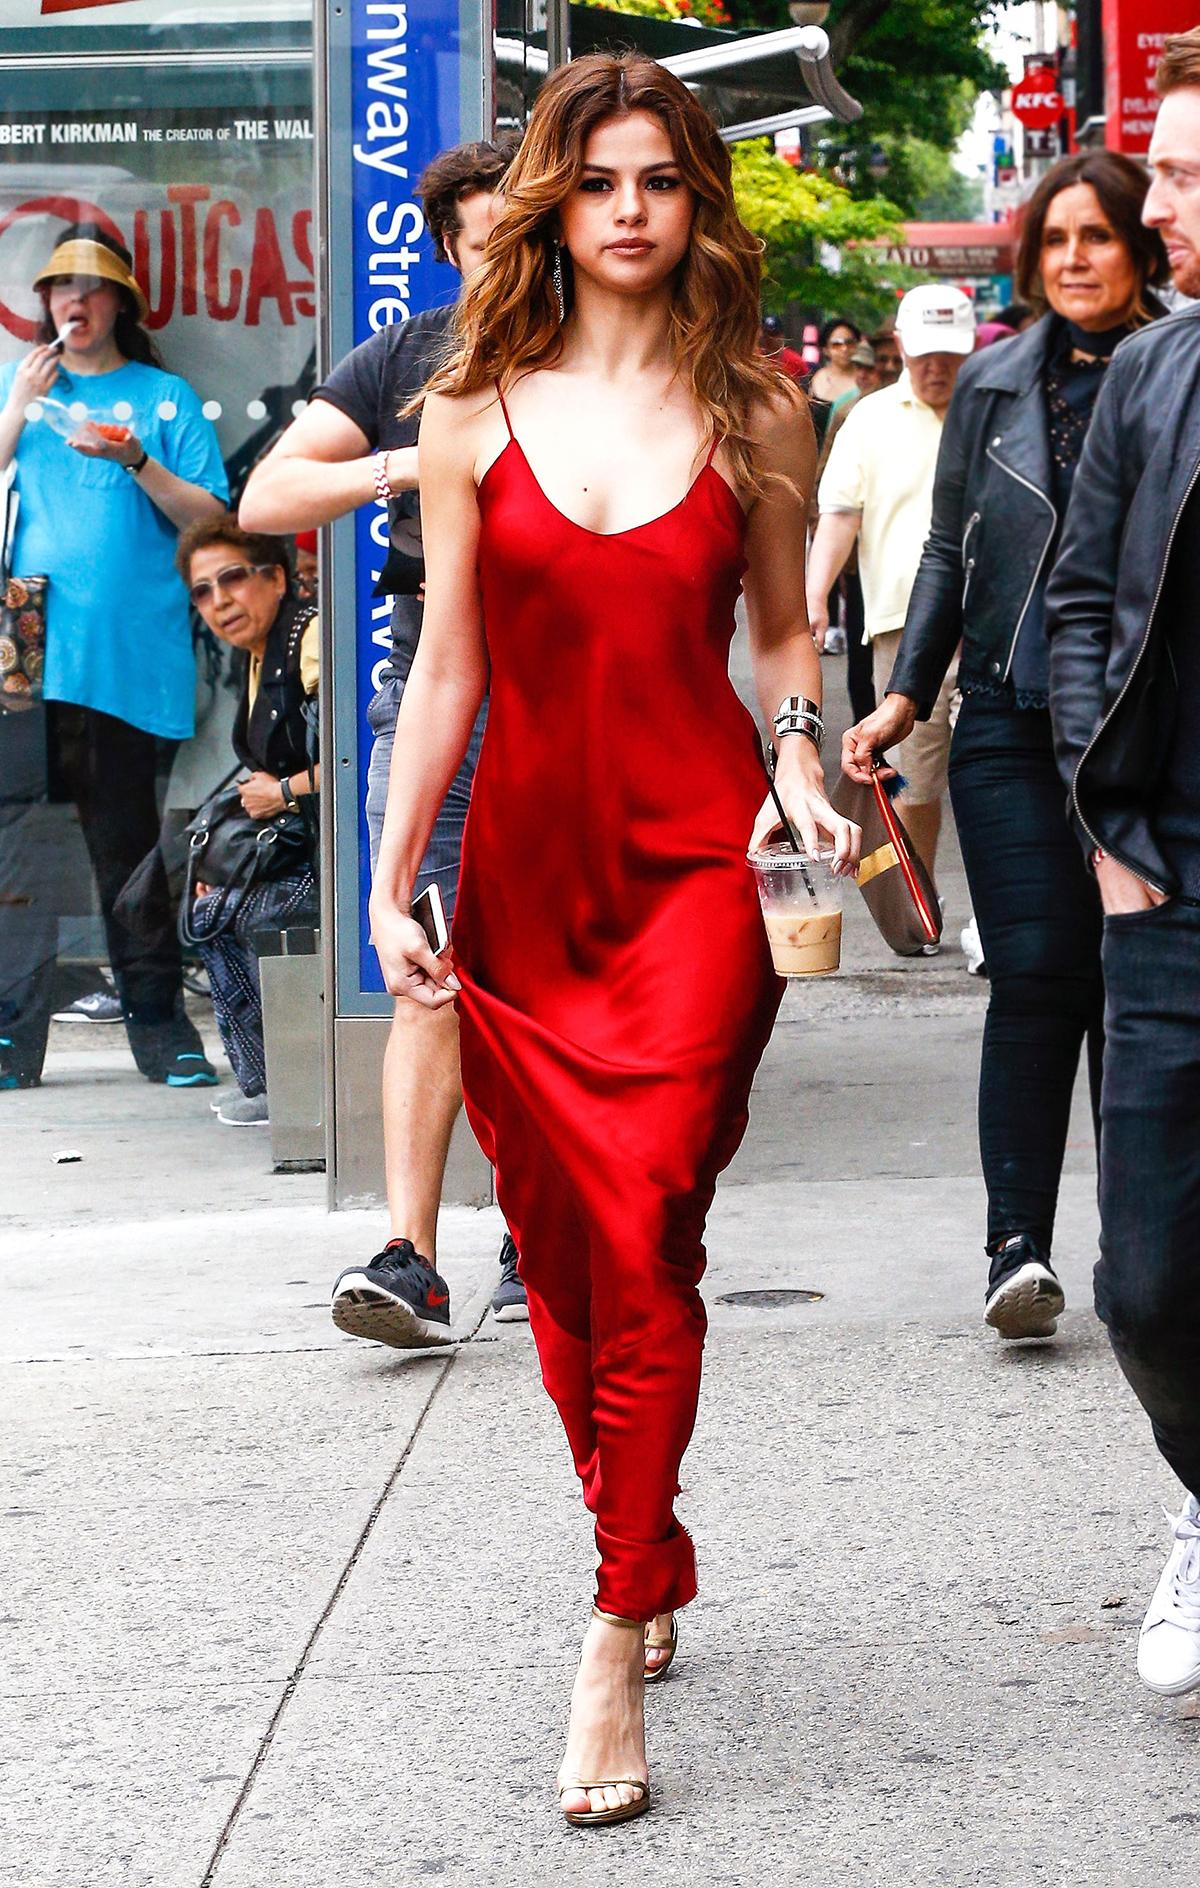 slip dress màu đỏ sang trọng selena gomez